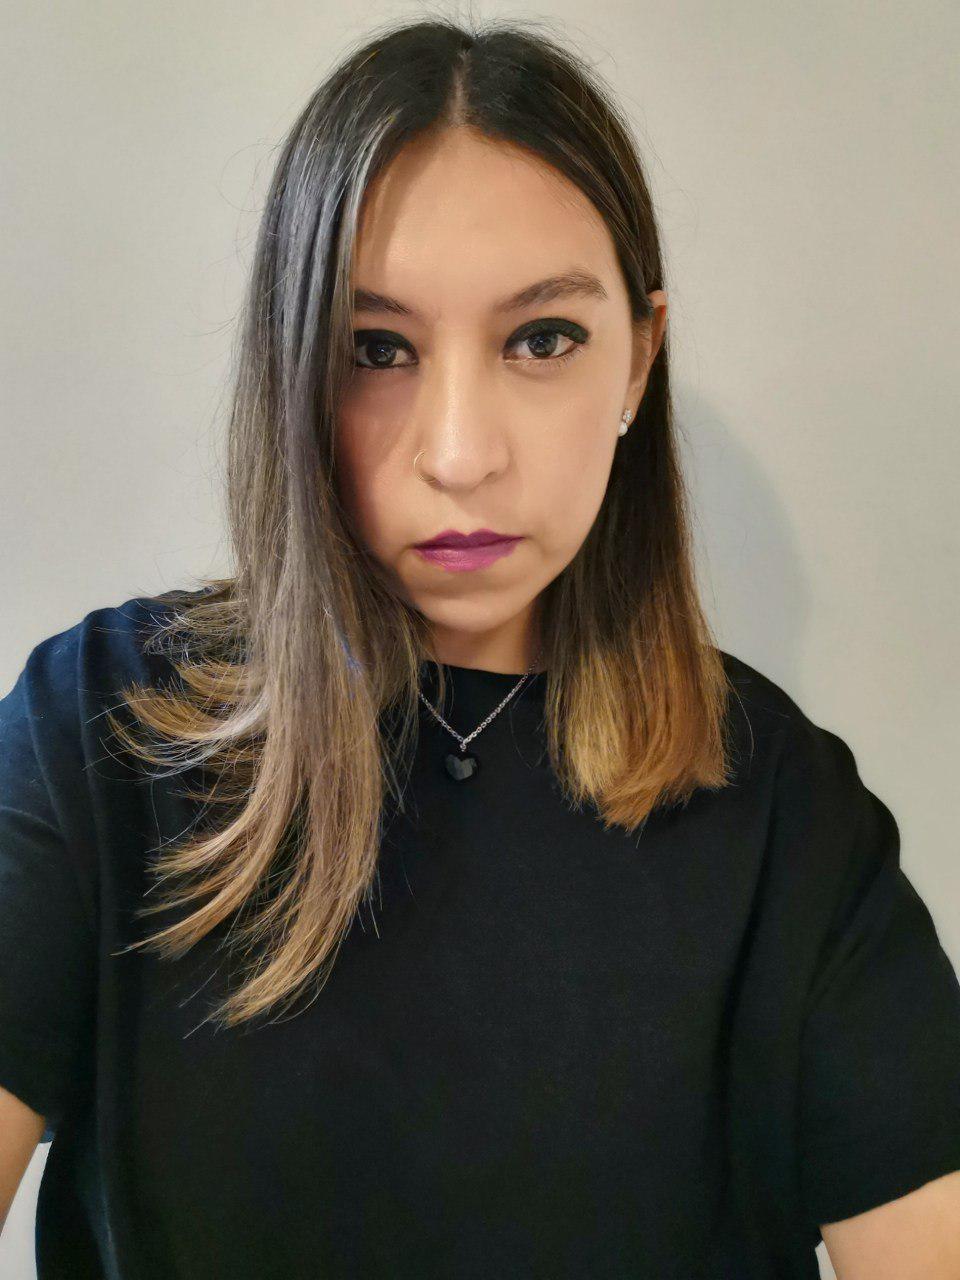 Carolina Rivas DNaranja News